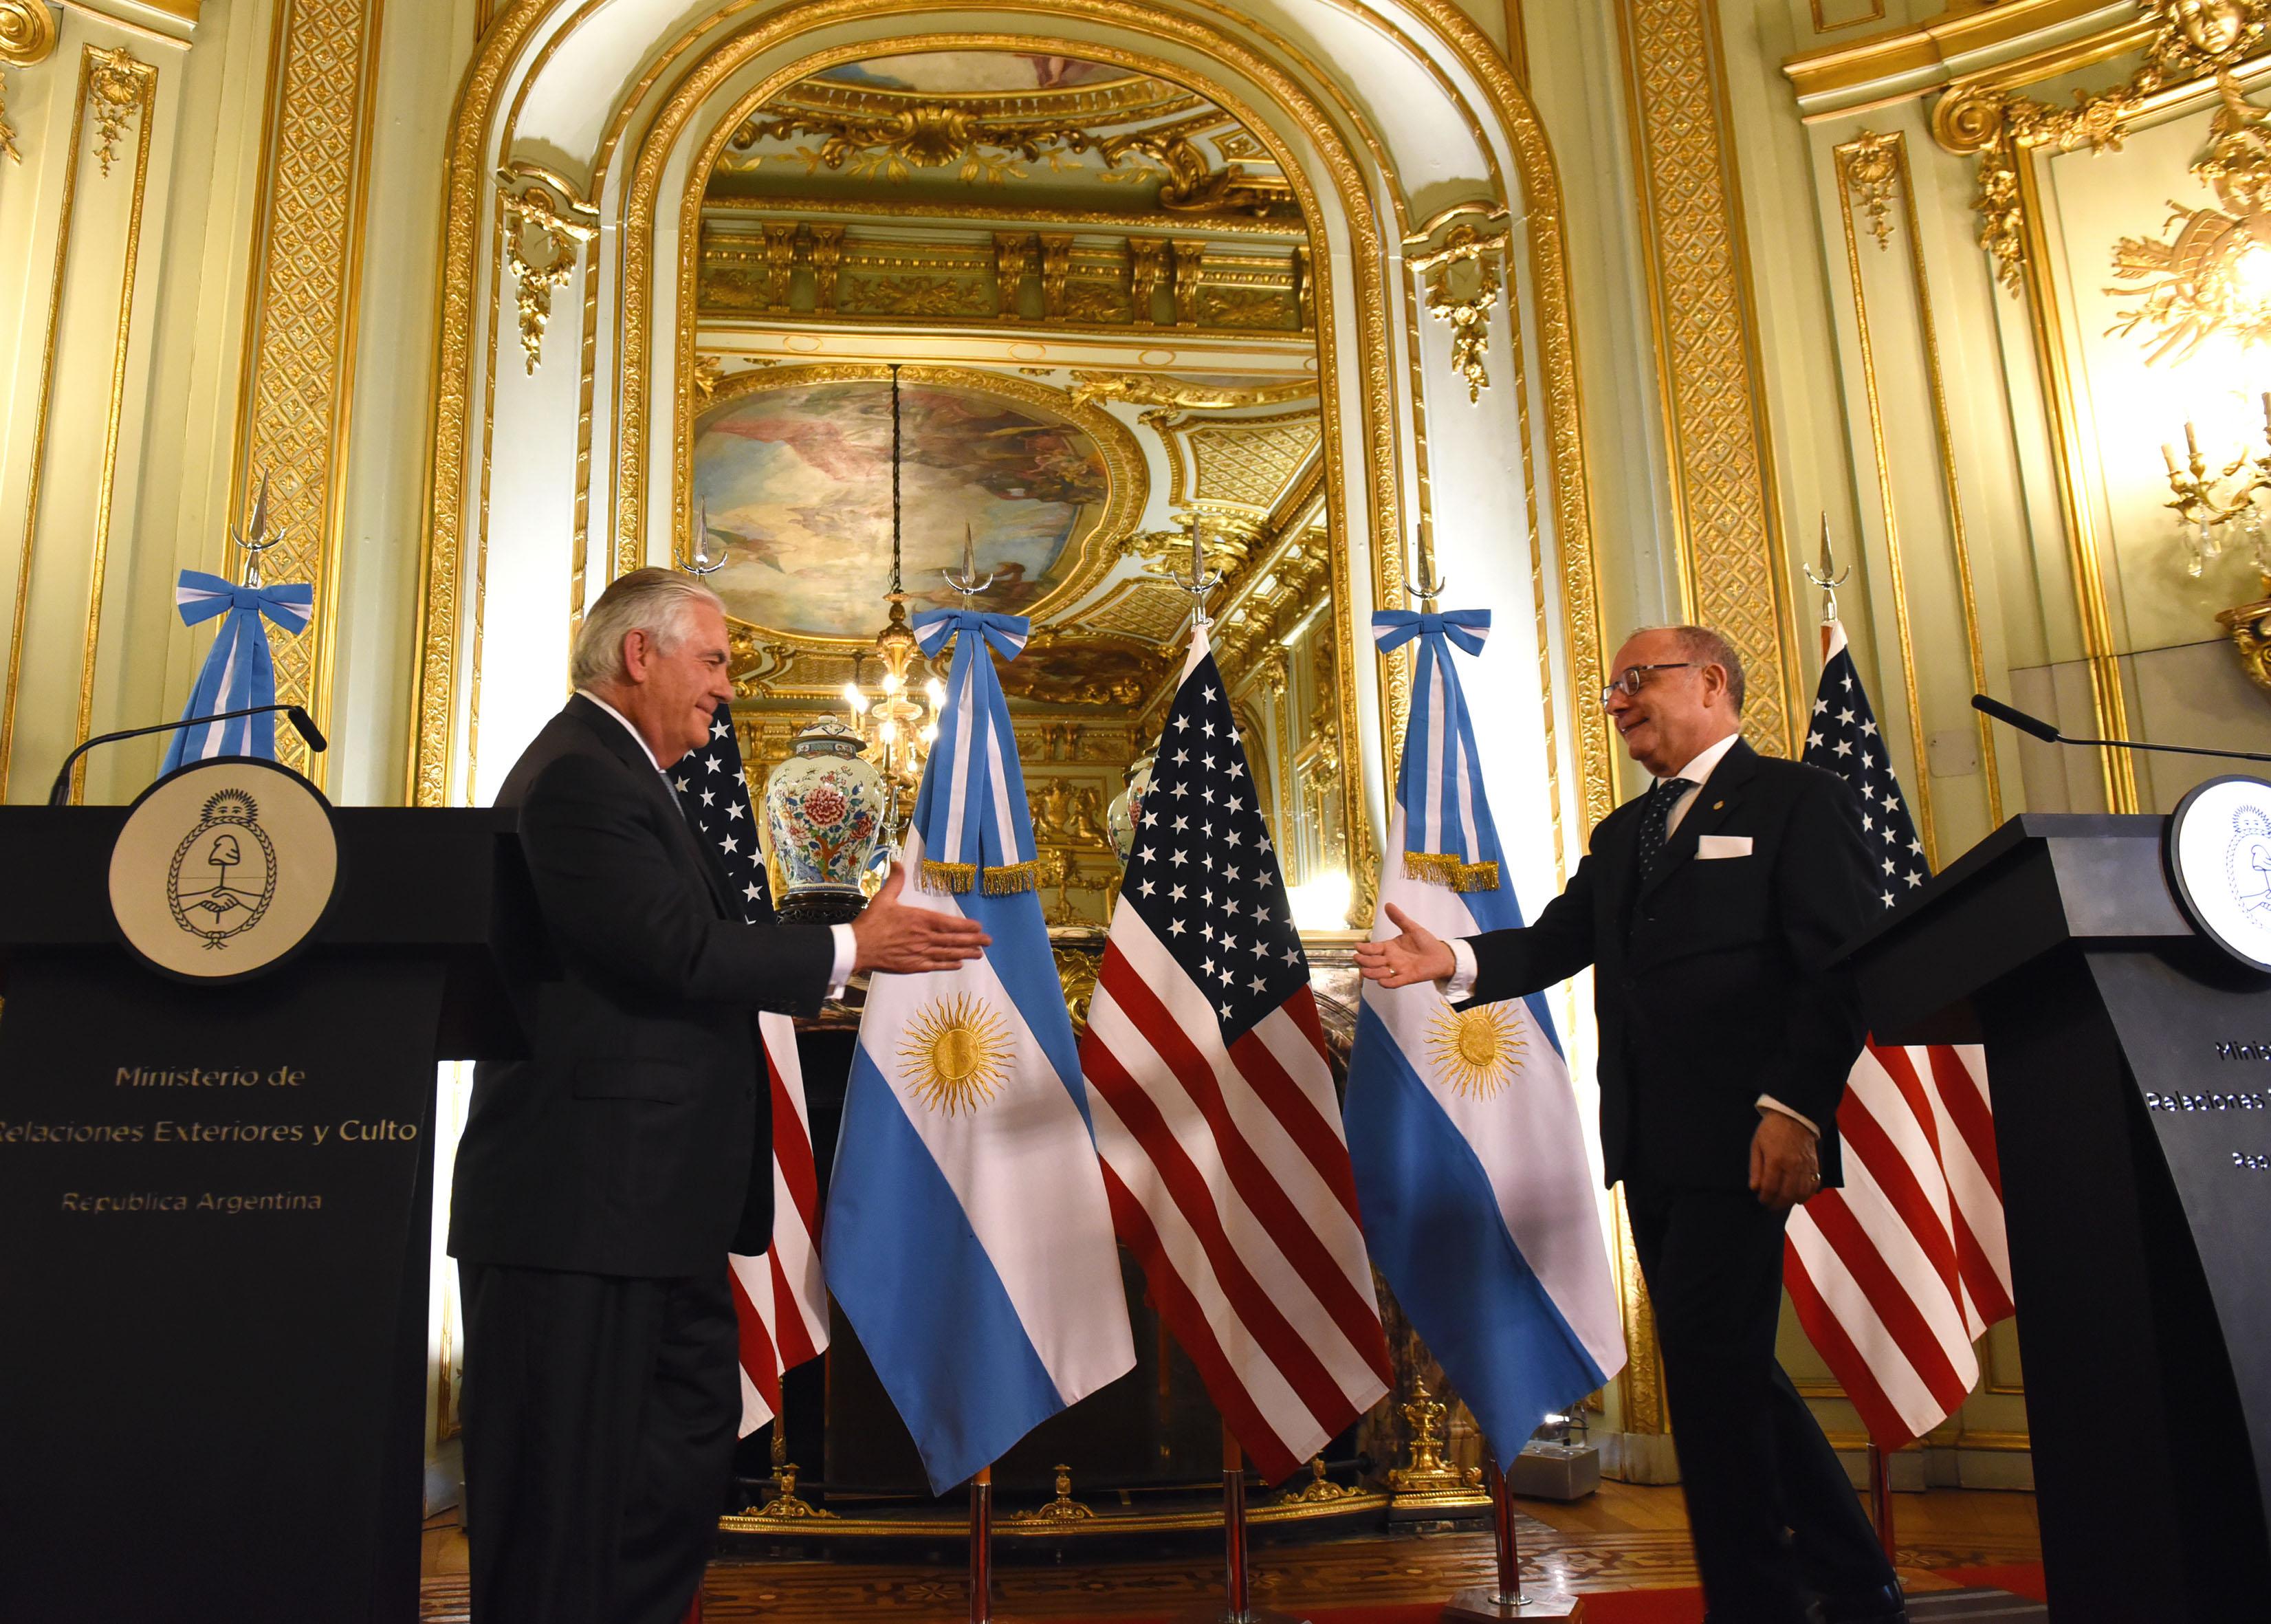 05-02-18 FAURIE RECIBIÓ A SU PAR DE LOS EEUU